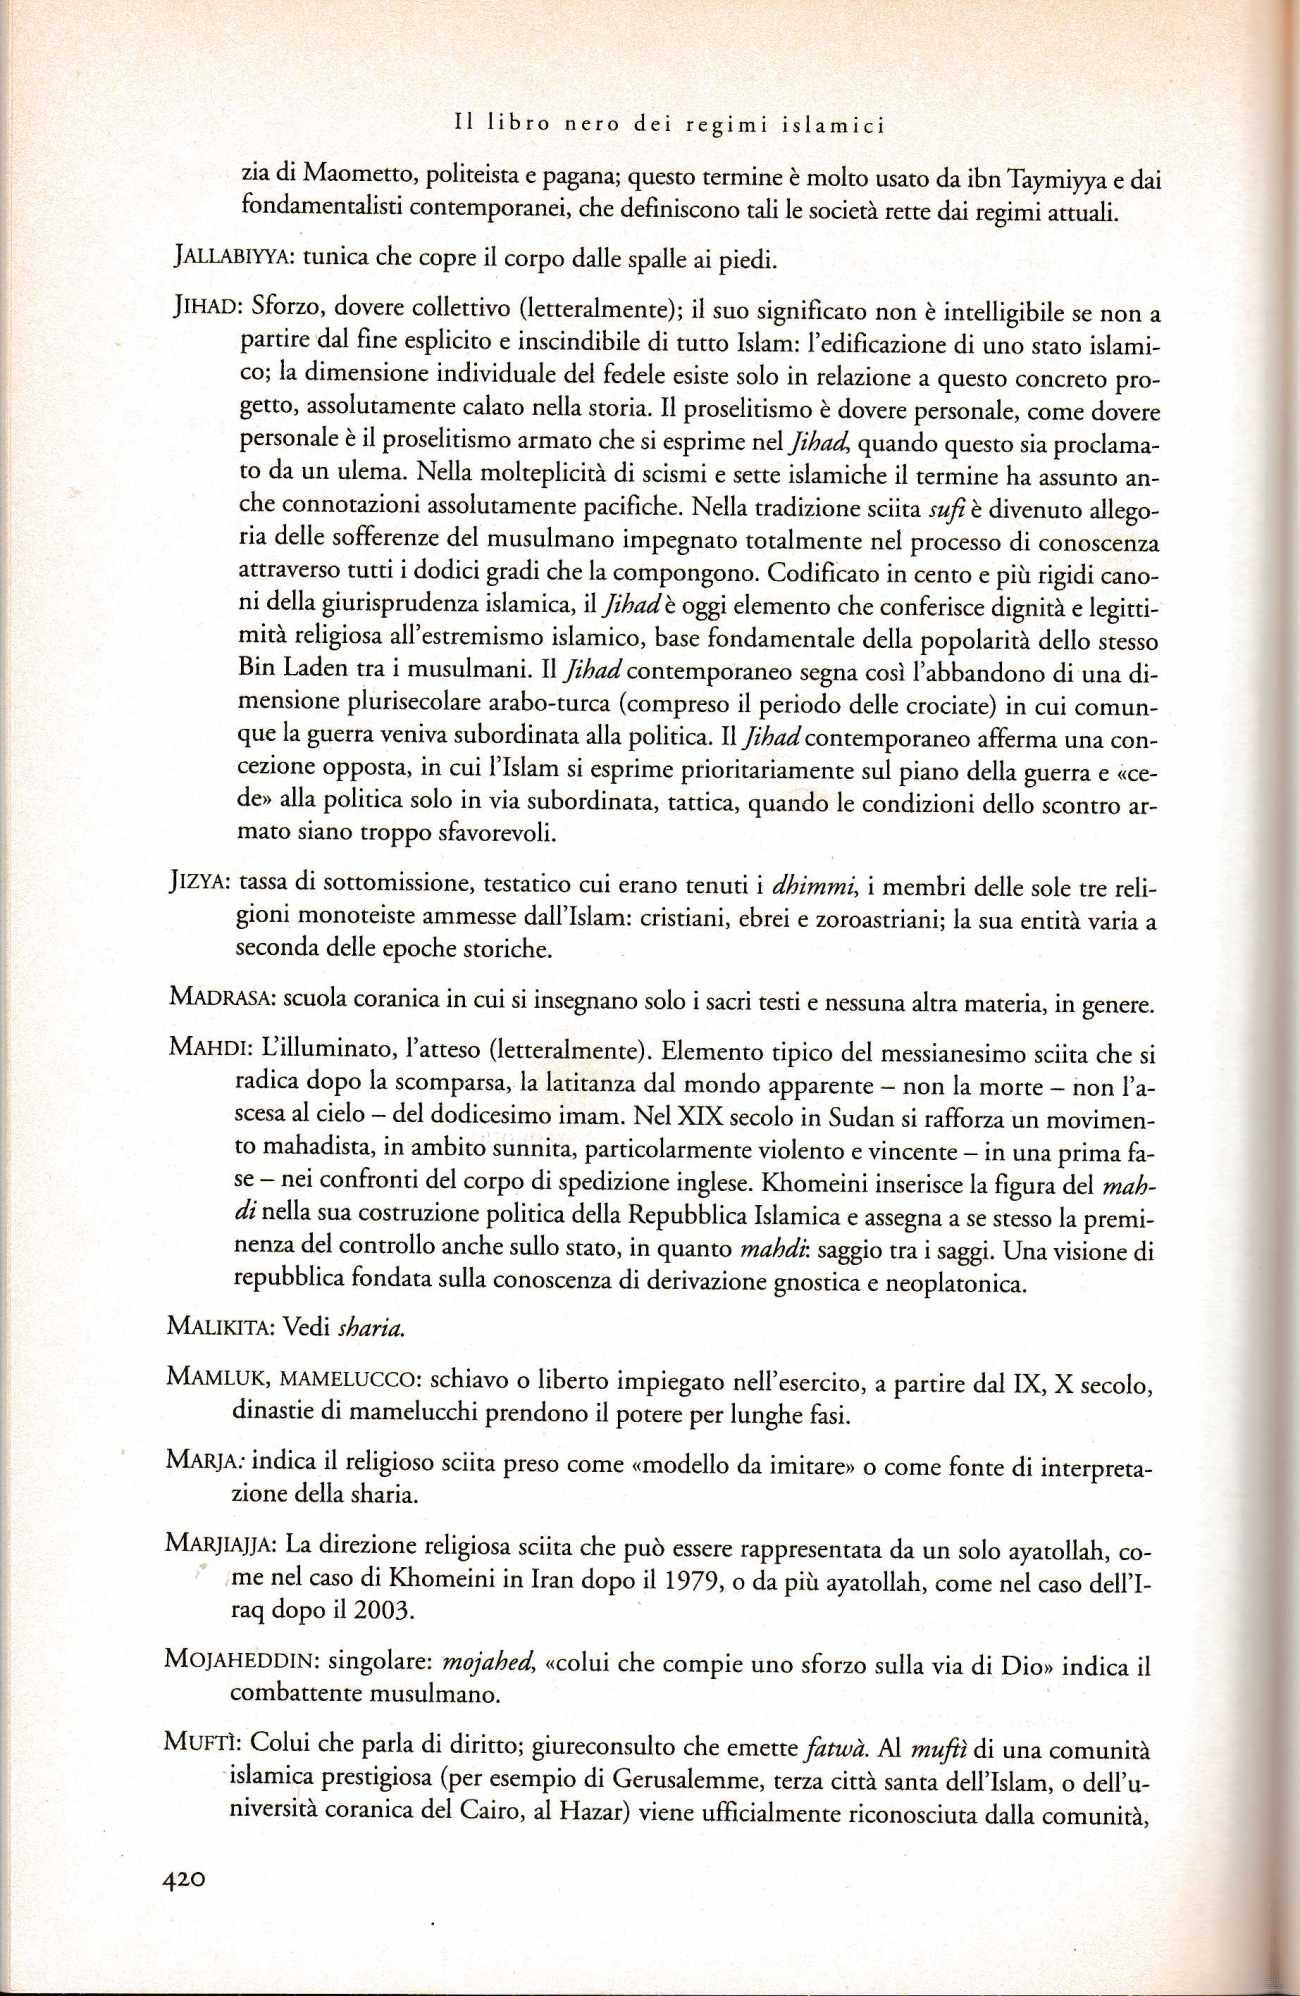 PANELLA libro nero regimi islamici2359